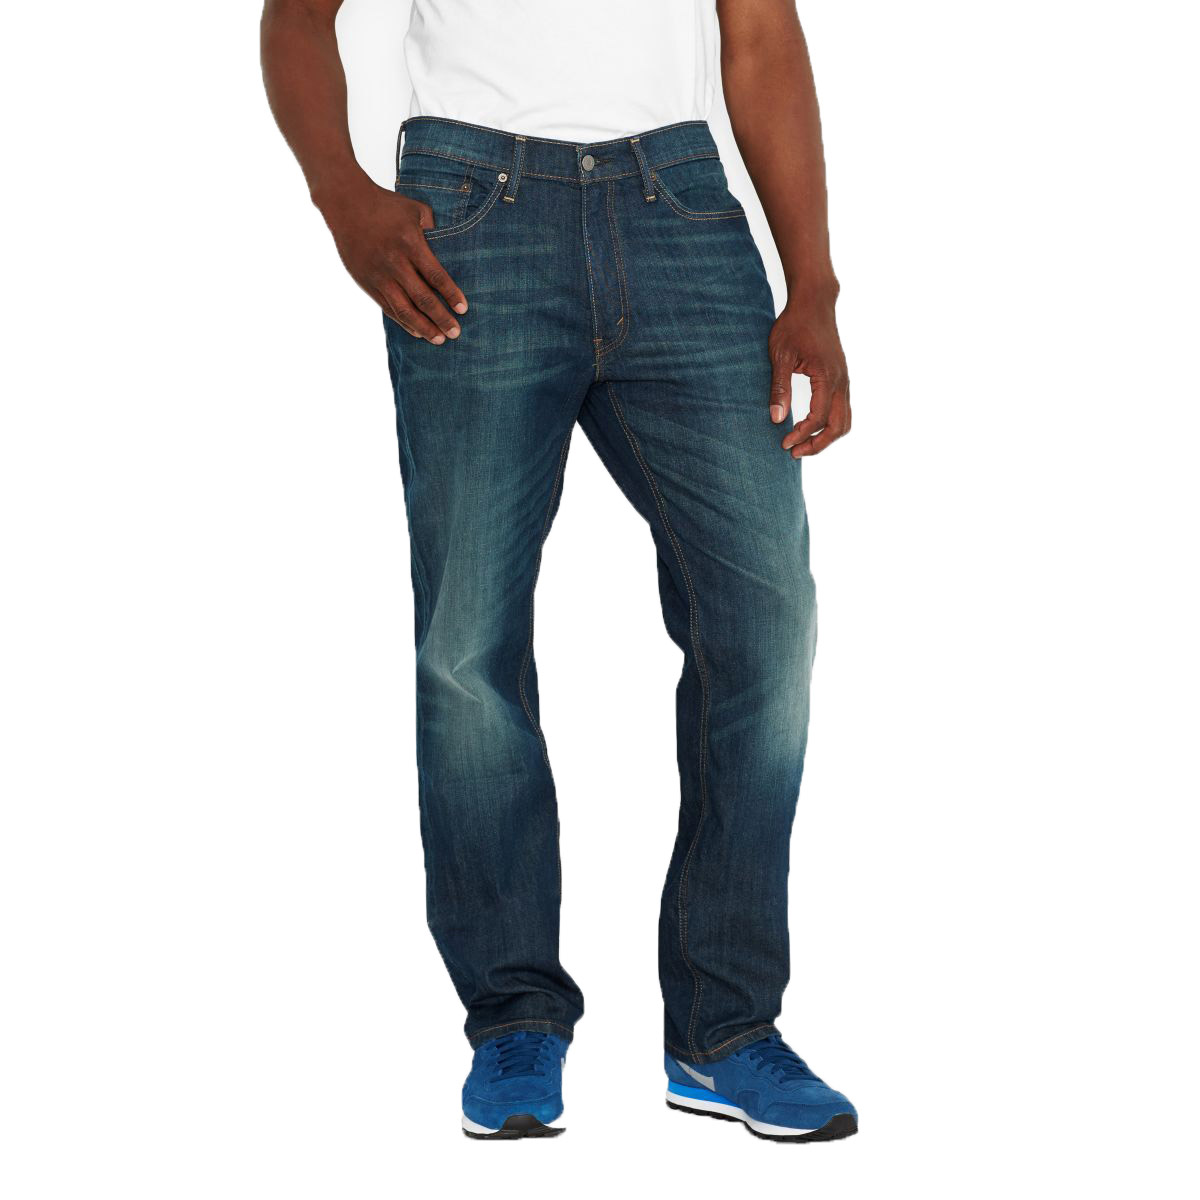 Levi's Men's 541 Athletic Fit Jeans - Blue, 42/30